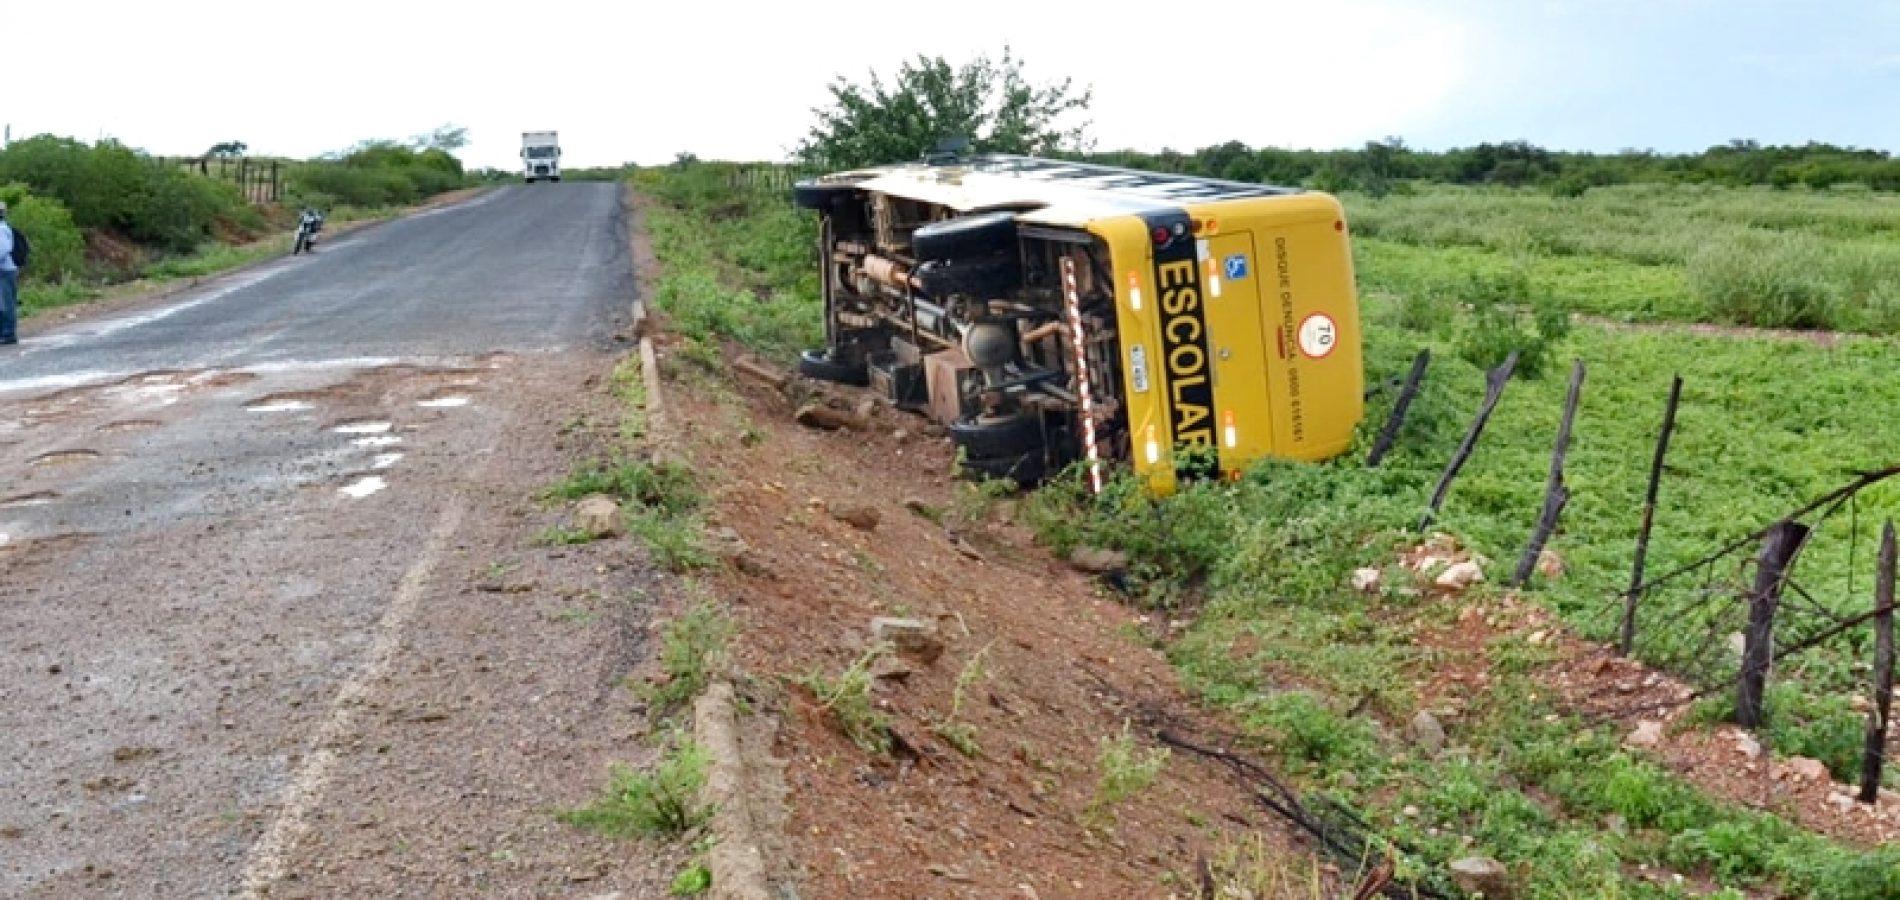 Ônibus Escolar tomba na rodovia 457 entre Curral Novo e Caridade do Piauí